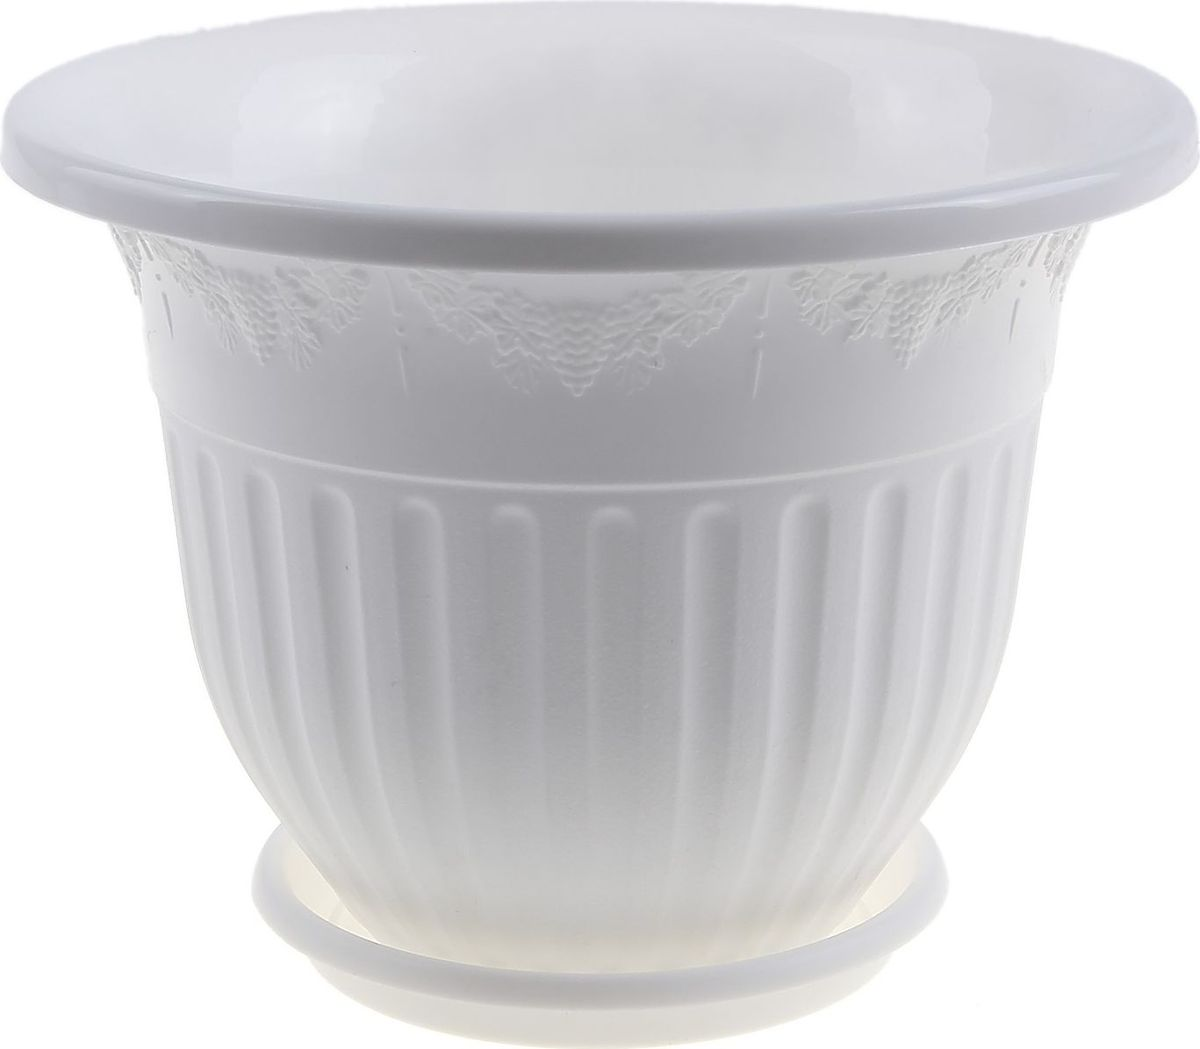 Кашпо Альтернатива Лозанна, с поддоном, цвет: белый, 17 л531-105Любой, даже самый современный и продуманный интерьер будет не завершённым без растений. Они не только очищают воздух и насыщают его кислородом, но и заметно украшают окружающее пространство. Такому полезному члену семьи просто необходимо красивое и функциональное кашпо, оригинальный горшок или необычная ваза! Мы предлагаем - Горшок-кашпо 17 л Лозанна, поддон, цвет белый! Оптимальный выбор материала пластмасса! Почему мы так считаем? Малый вес. С лёгкостью переносите горшки и кашпо с места на место, ставьте их на столики или полки, подвешивайте под потолок, не беспокоясь о нагрузке. Простота ухода. Пластиковые изделия не нуждаются в специальных условиях хранения. Их легко чистить достаточно просто сполоснуть тёплой водой. Никаких царапин. Пластиковые кашпо не царапают и не загрязняют поверхности, на которых стоят. Пластик дольше хранит влагу, а значит растение реже нуждается в поливе. Пластмасса не пропускает воздух корневой системе растения не грозят резкие перепады температур. Огромный выбор форм, декора и расцветок вы без труда подберёте что-то, что идеально впишется в уже существующий интерьер. Соблюдая нехитрые правила ухода, вы можете заметно продлить срок службы горшков, вазонов и кашпо из пластика: всегда учитывайте размер кроны и корневой системы растения (при разрастании большое растение способно повредить маленький горшок)берегите изделие от воздействия прямых солнечных лучей, чтобы кашпо и горшки не выцветалидержите кашпо и горшки из пластика подальше от нагревающихся поверхностей. Создавайте прекрасные цветочные композиции, выращивайте рассаду или необычные растения, а низкие цены позволят вам не ограничивать себя в выборе.